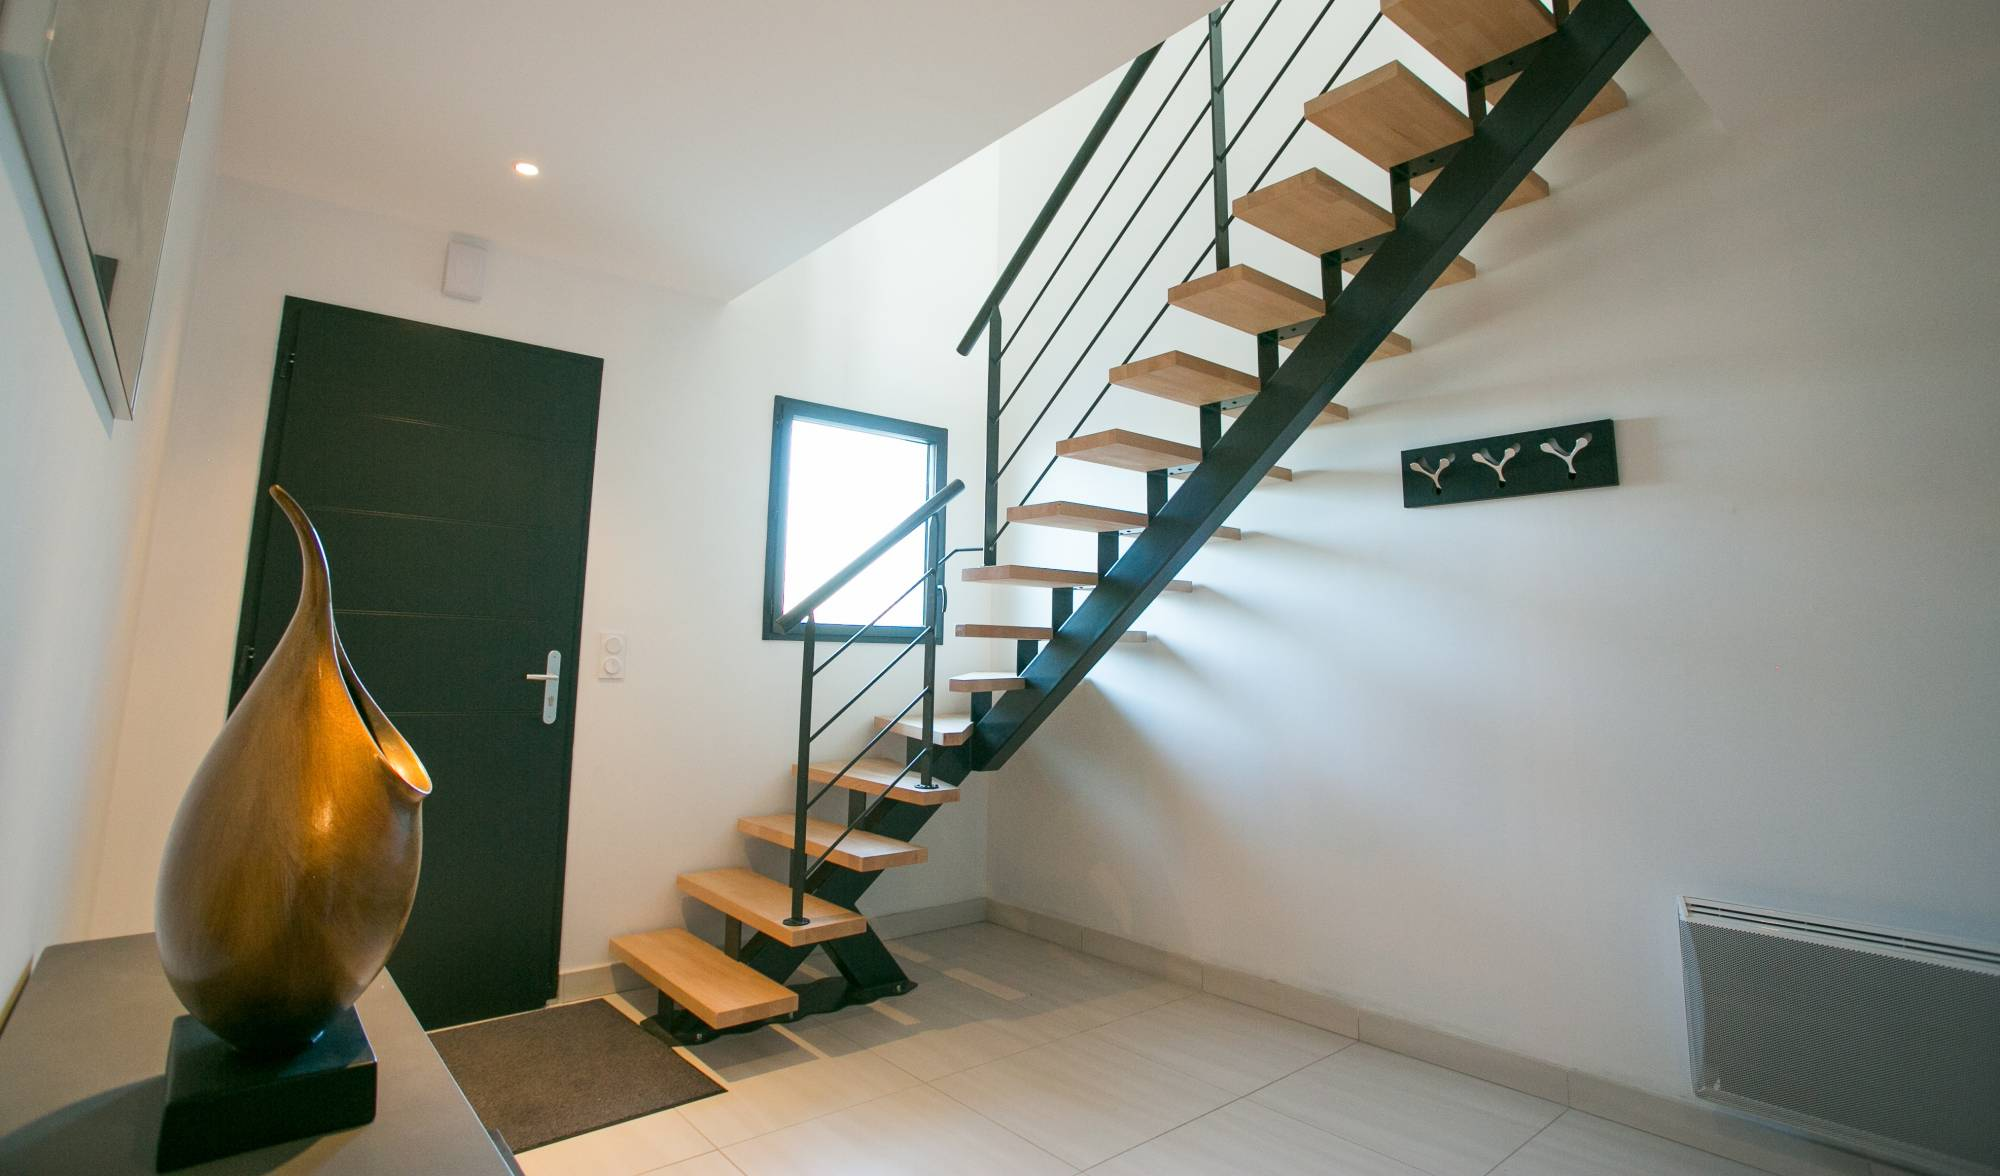 fabricant d 39 escalier en kit bordeaux cote escalier. Black Bedroom Furniture Sets. Home Design Ideas